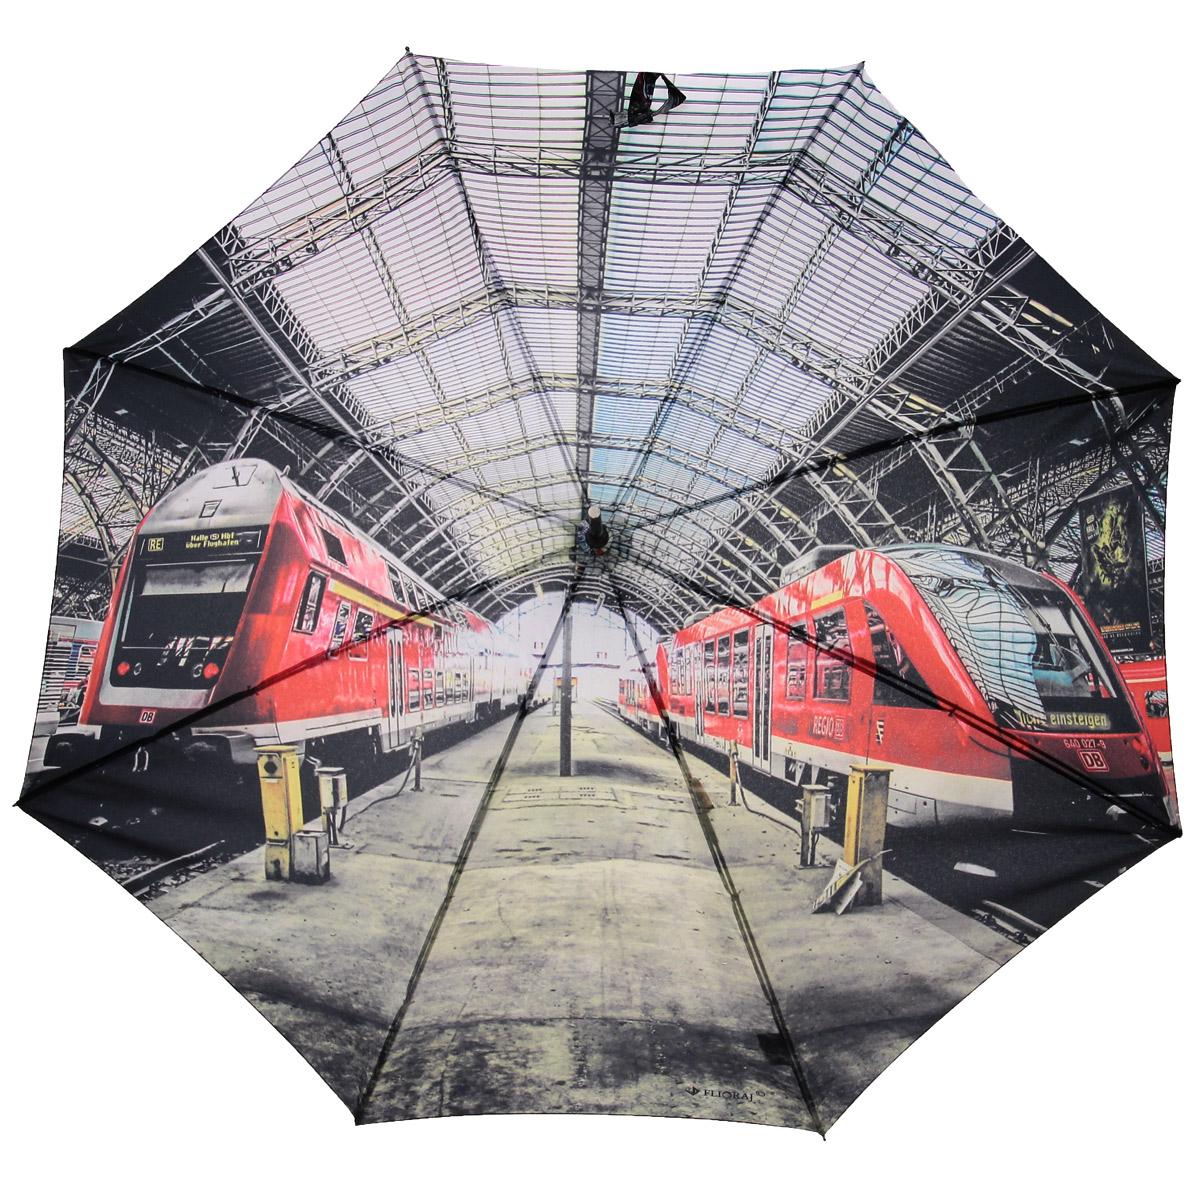 Зонт-трость Flioraj Вокзал, полуавтомат, серый, красный012-6 FJЭлегантный полуавтоматический зонт-трость Flioraj Вокзал даже в ненастную погоду позволит вам подчеркнуть свою индивидуальность. Каркас зонта из анодированной стали состоит из восьми карбоновых спиц, а рукоятка закругленной формы разработана с учетом требований эргономики и покрыта искусственной кожей. Зонт снабжен системой Антиветер. Зонт имеет полуавтоматический механизм сложения: купол открывается нажатием кнопки на рукоятке, а закрывается вручную до характерного щелчка. Купол зонта выполнен из прочного полиэстера с тефлоновой пропиткой и оформлен оригинальным изображением городского вокзала. Закрытый купол фиксируется хлястиком на кнопке. Такой зонт не только надежно защитит вас от дождя, но и станет стильным аксессуаром.